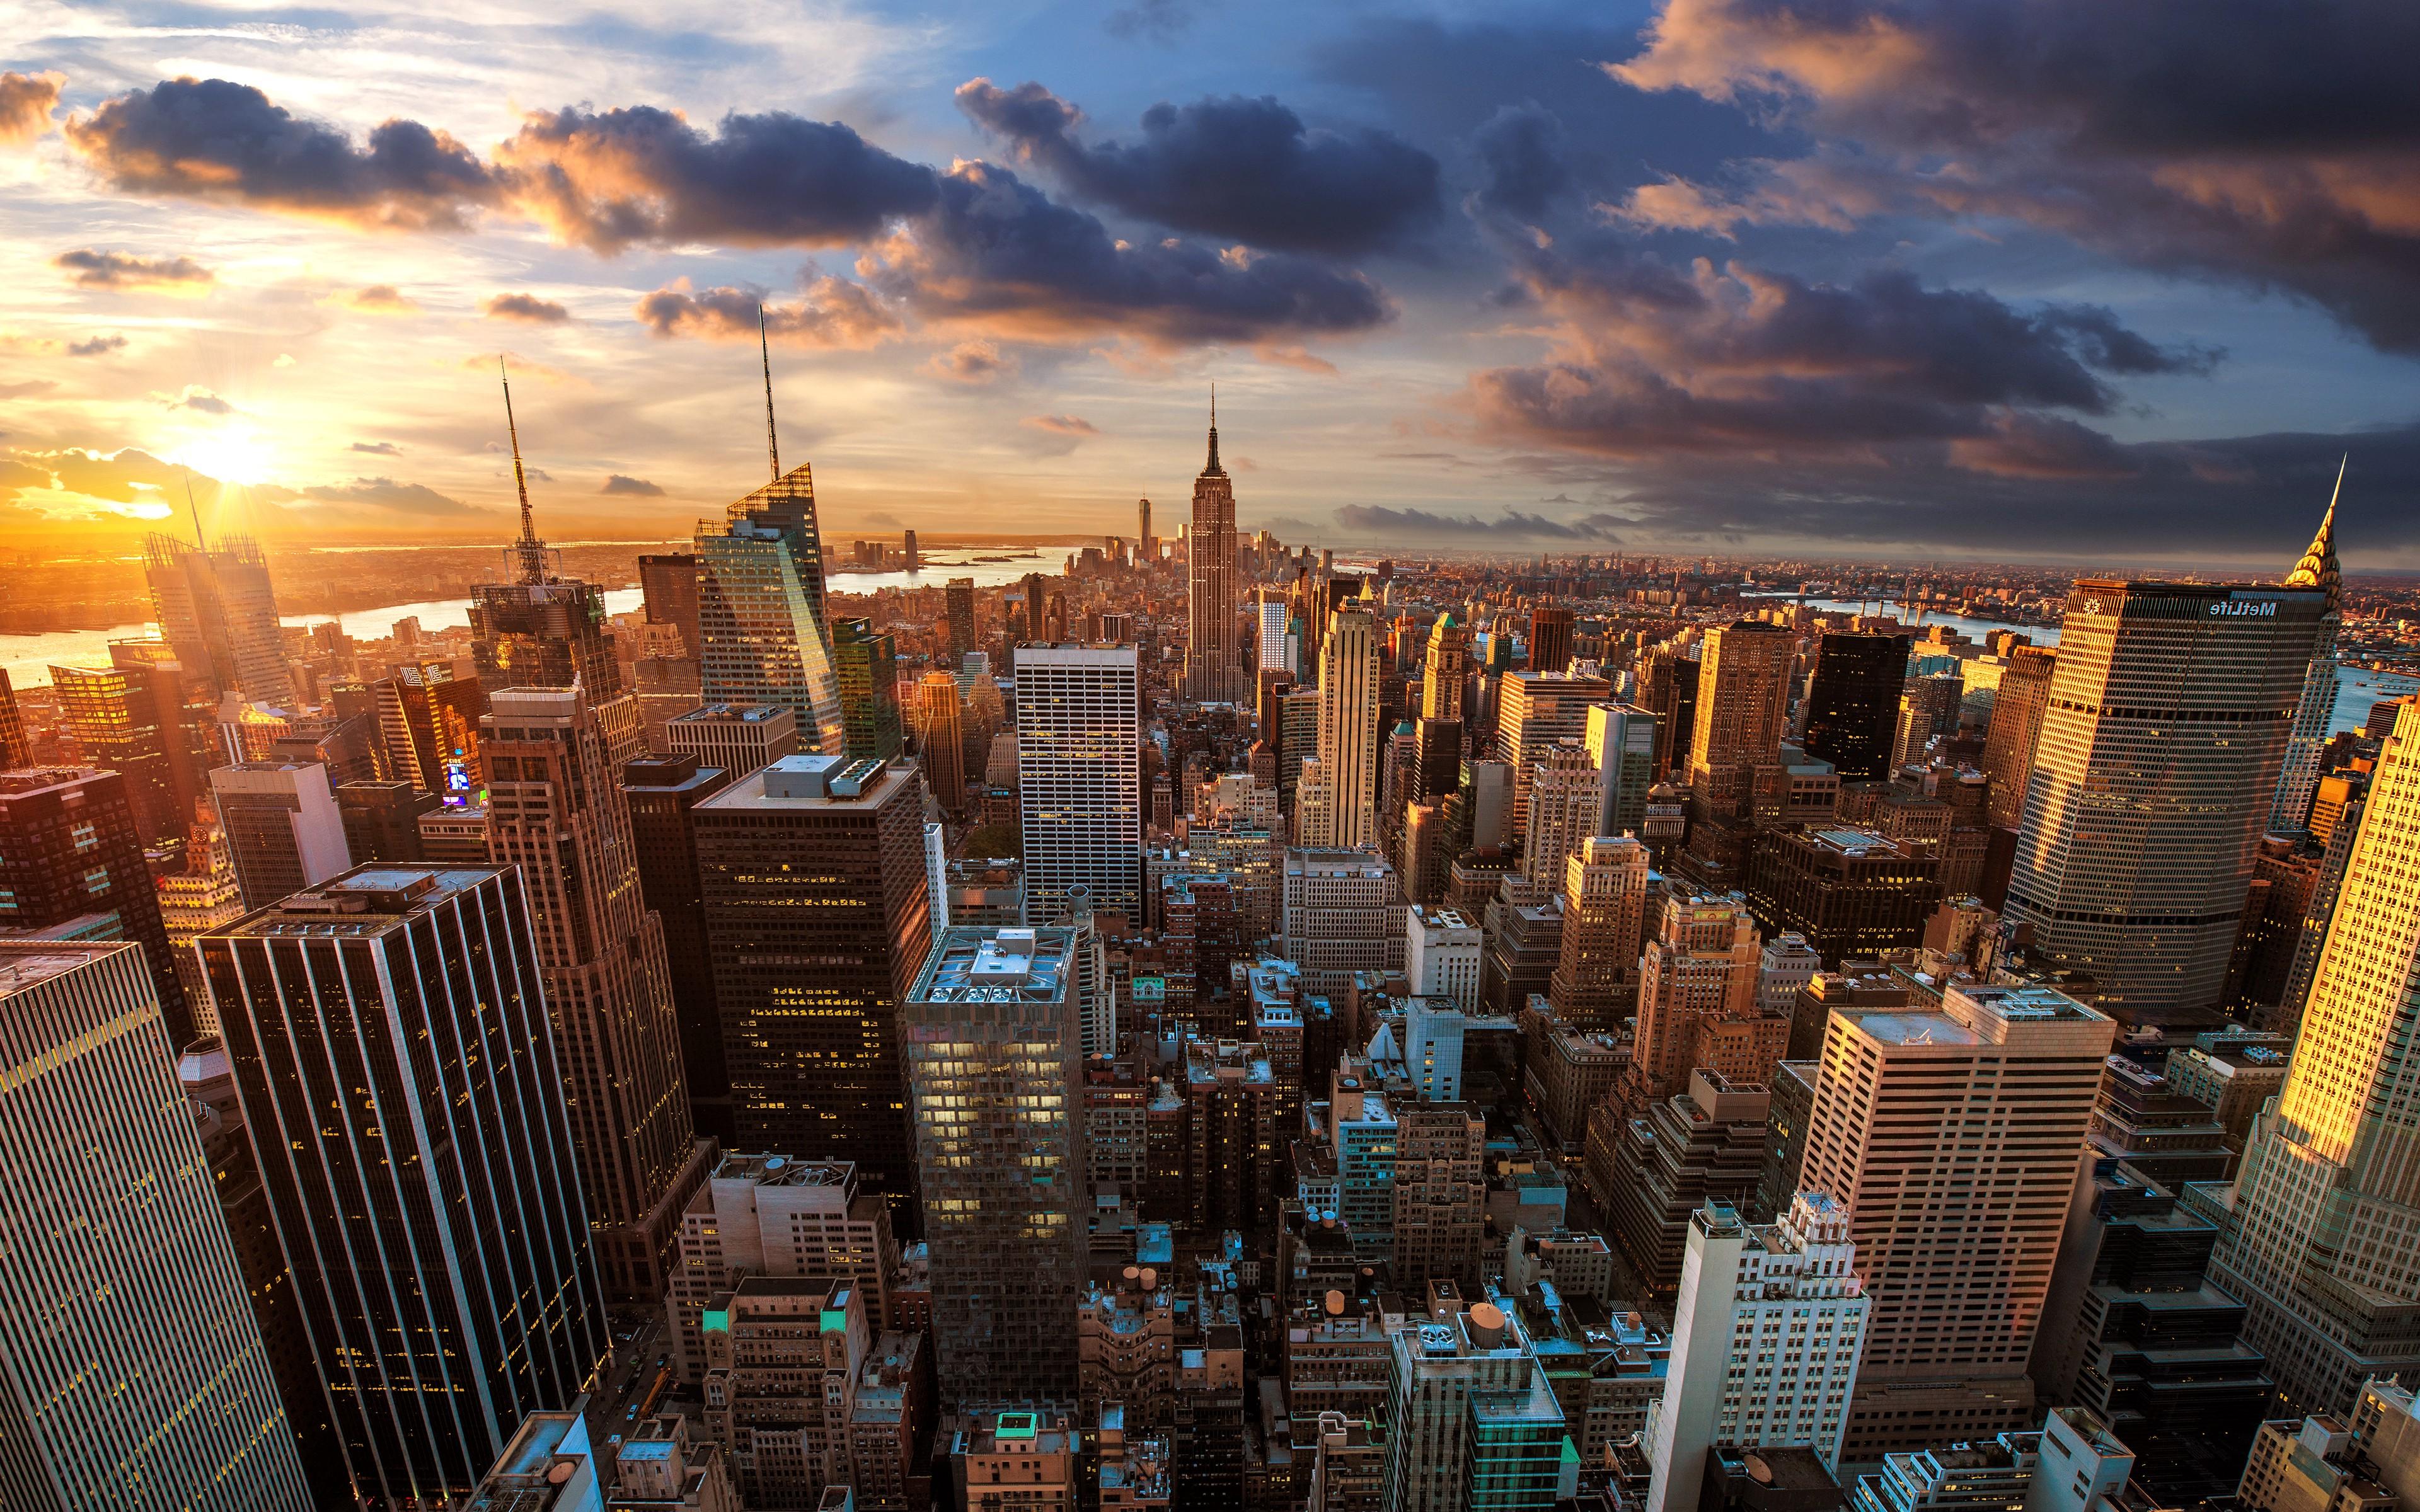 3840x2400 Px Building Cityscape Landscape New York City Sunset USA